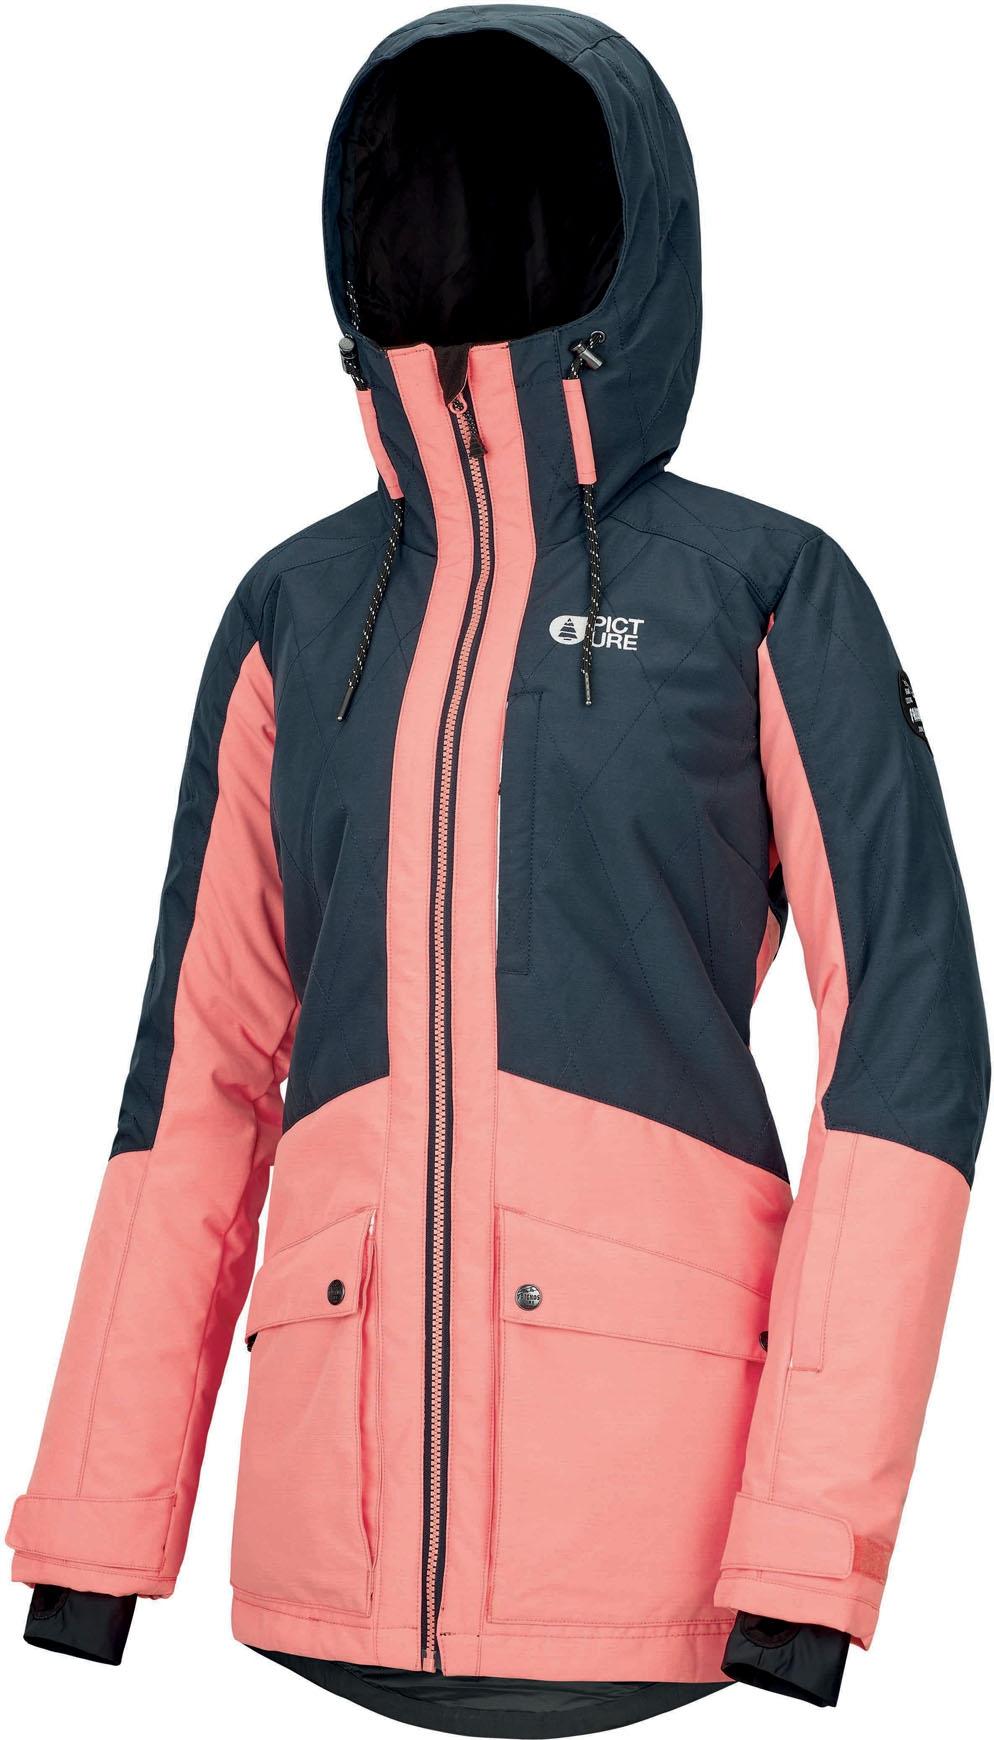 Vestes femme streetwear, achat veste urbaine : Snowleader